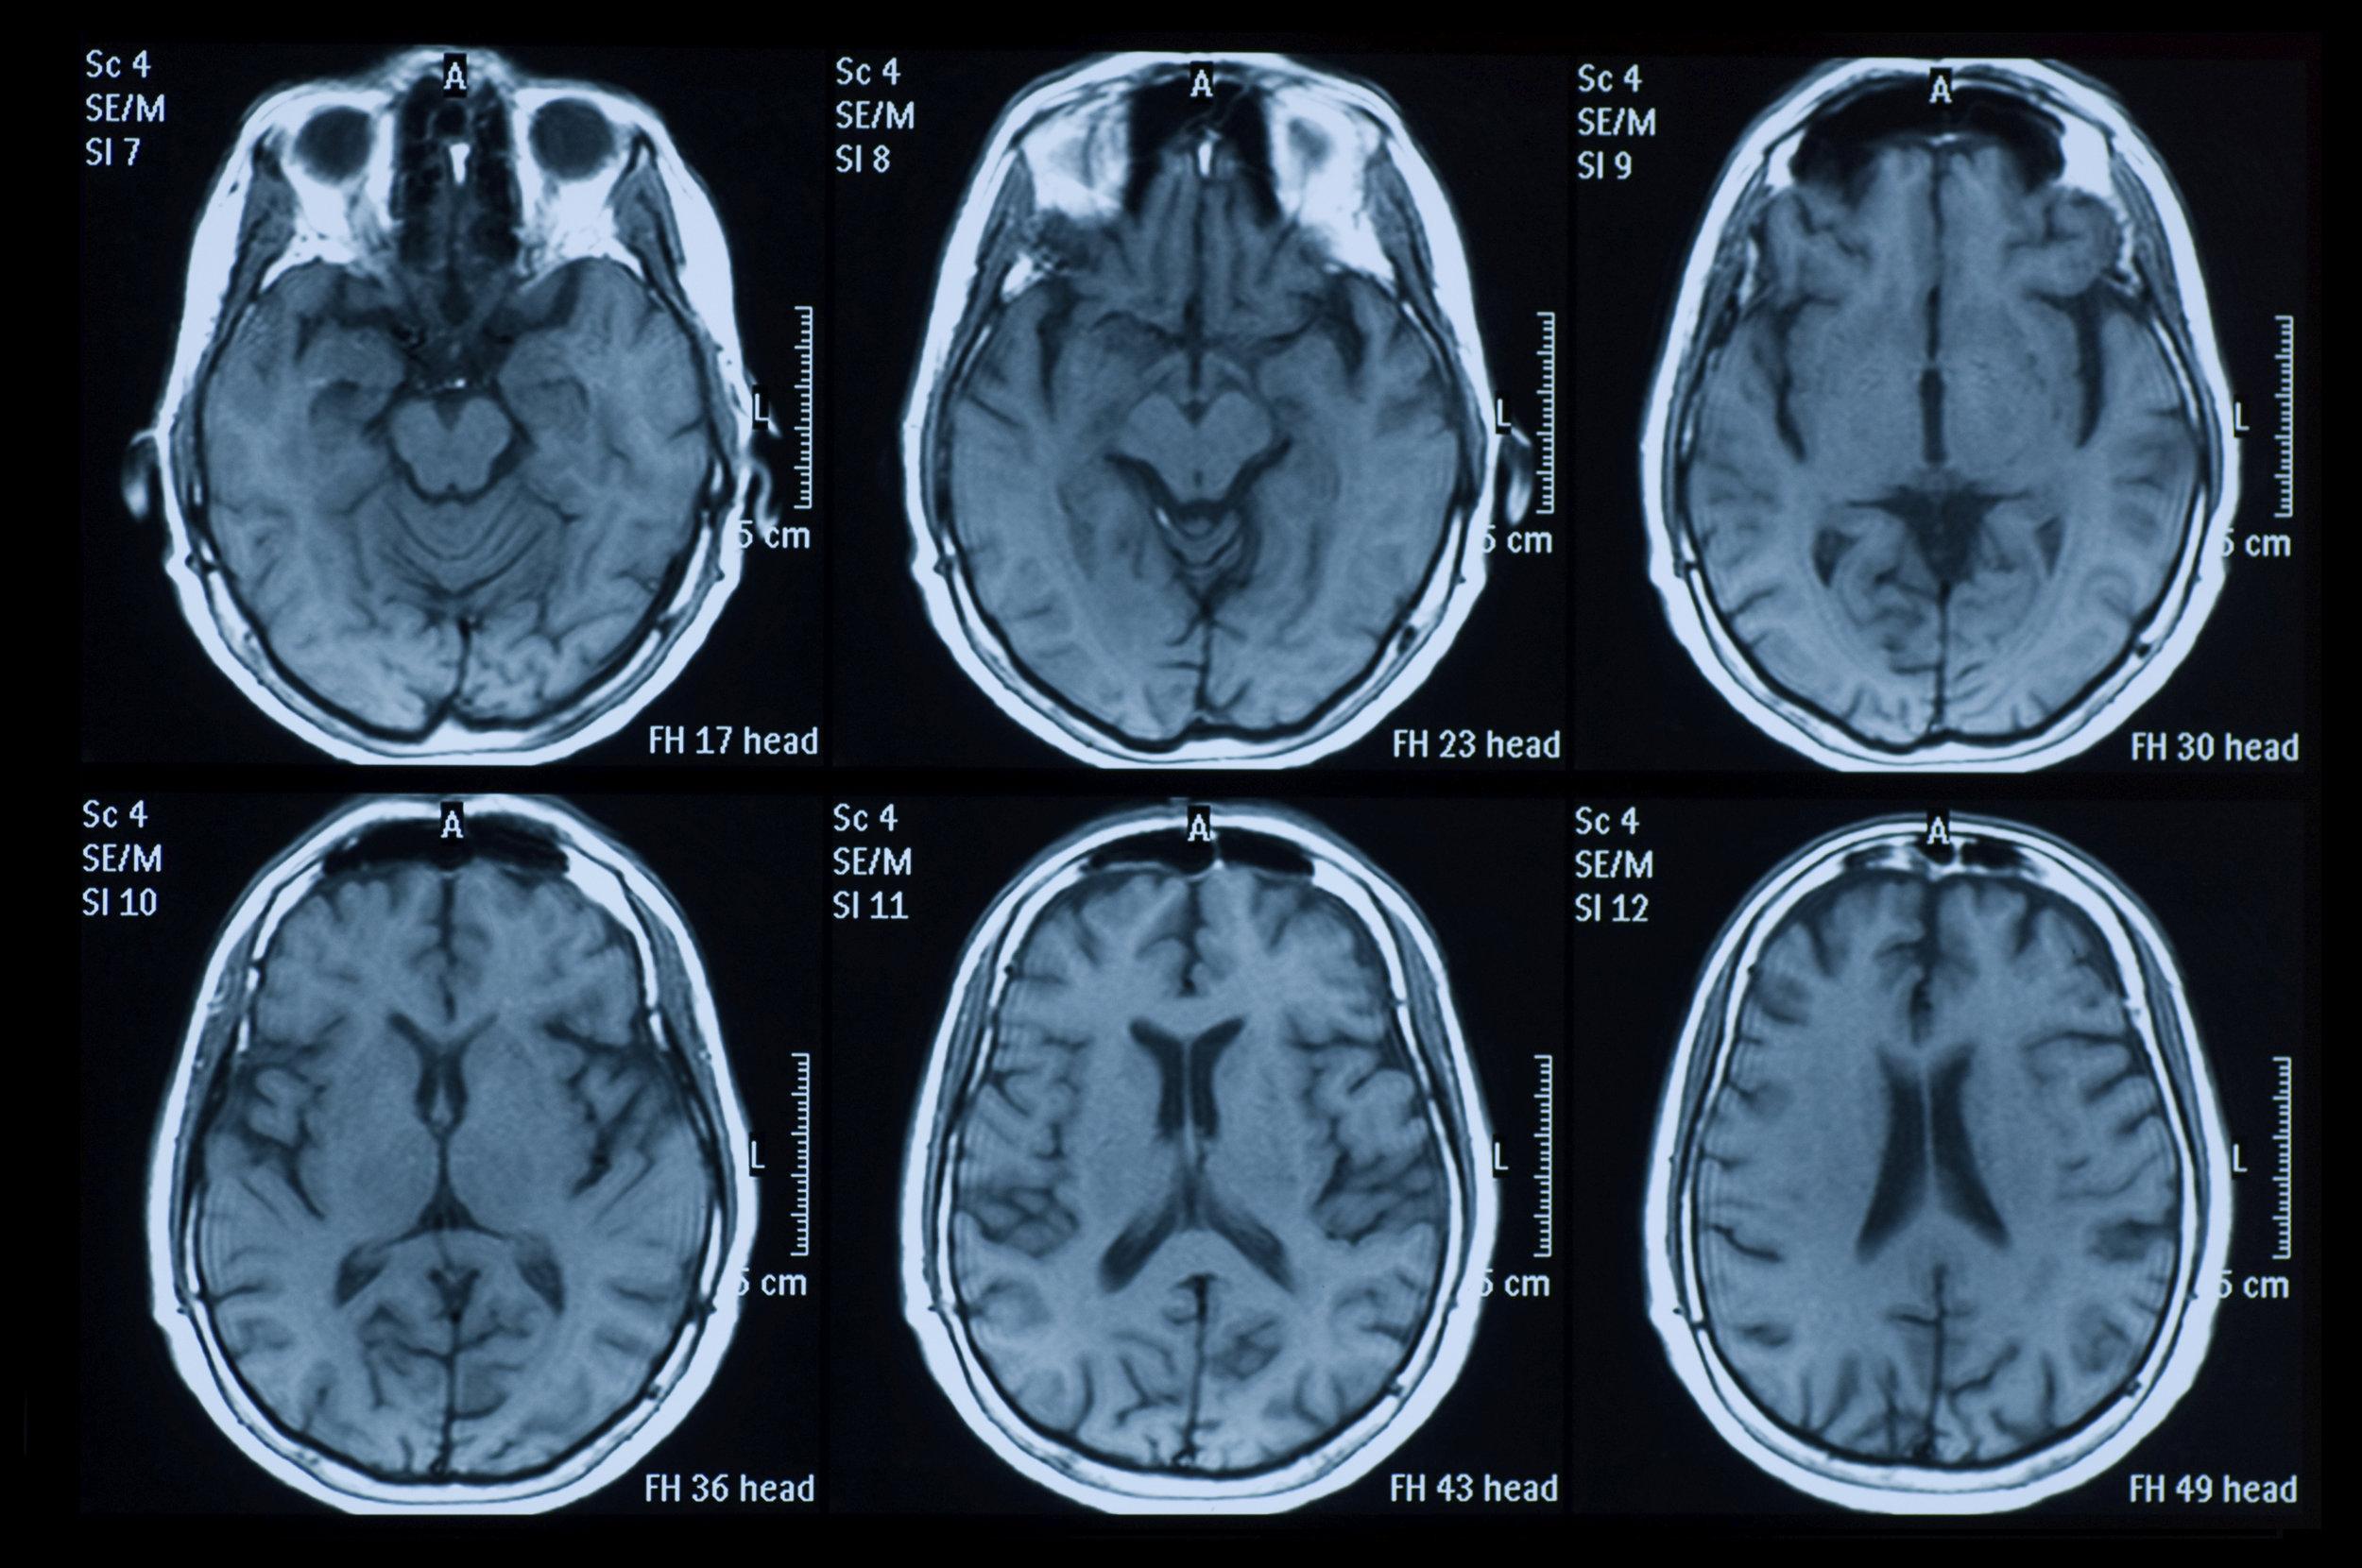 mri-brain-scan.jpg